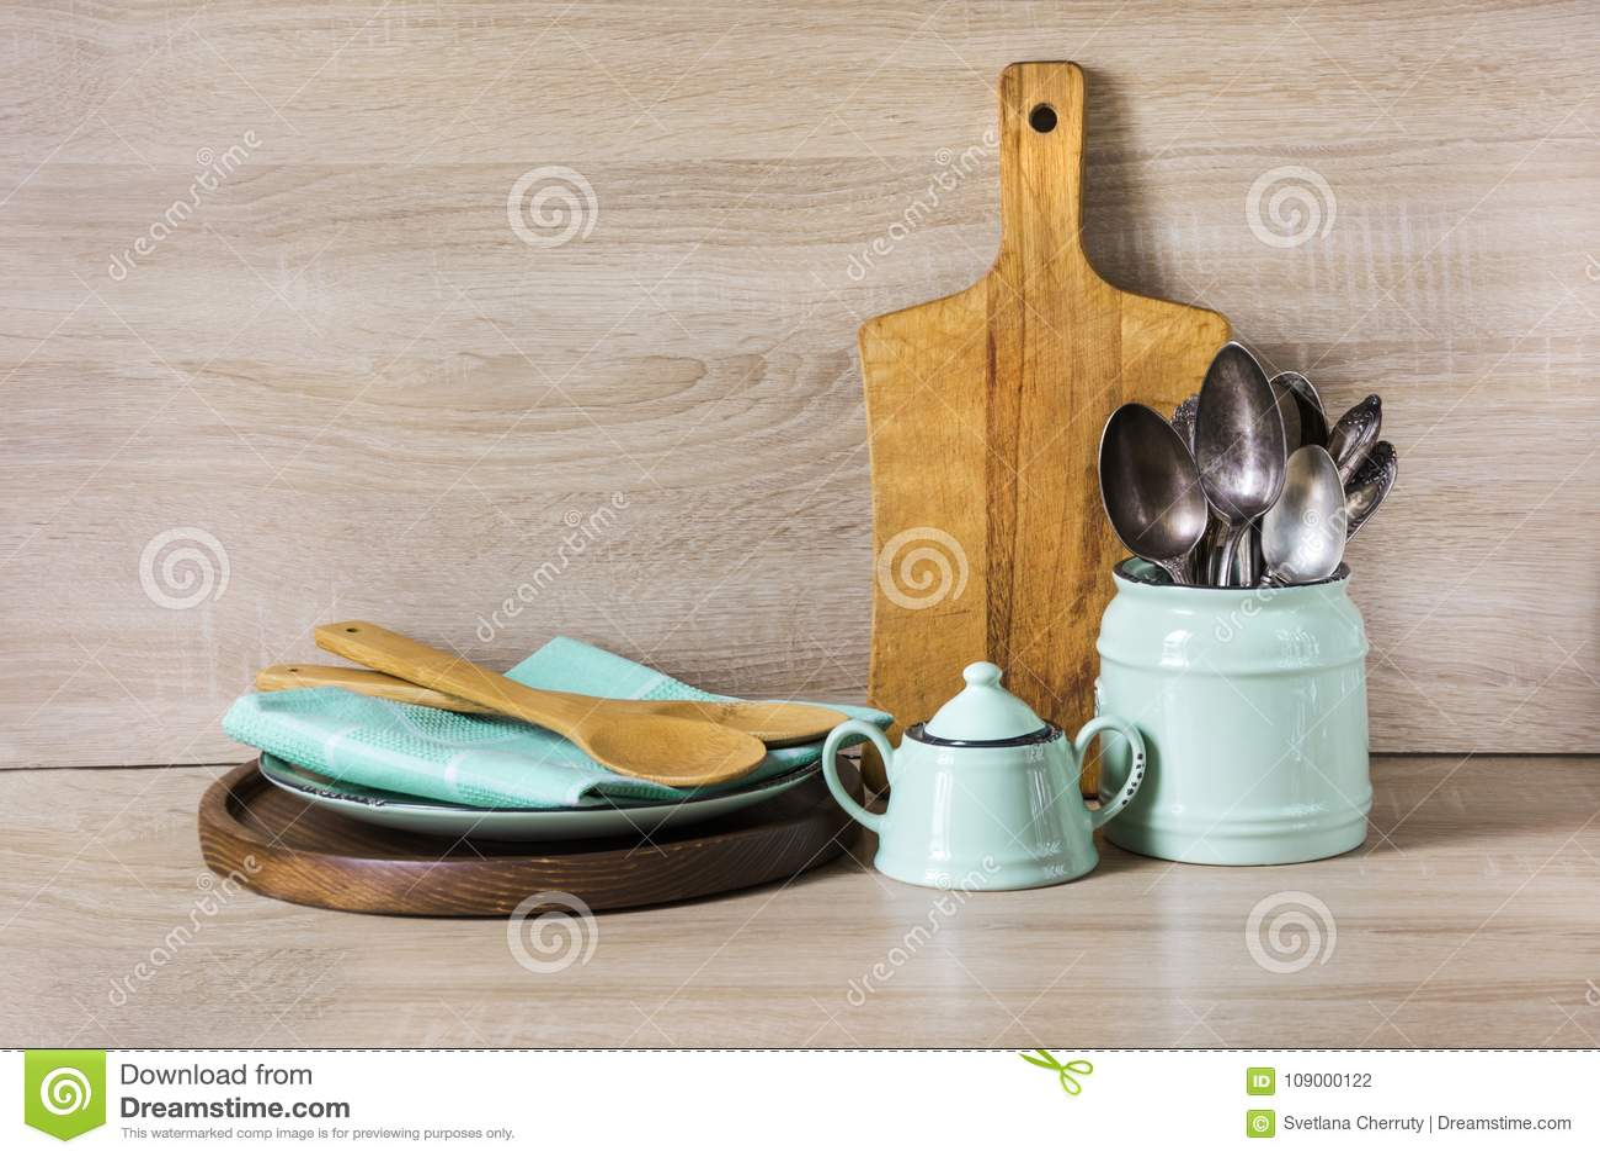 turquoise kitchen decor decorative chalkboard for 绿松石和木葡萄酒陶器 碗筷 餐具器物和材料在木桌面作为backgroun的 餐具器物和材料在木桌面作为背景的厨房静物画设计的与复制空间的图象